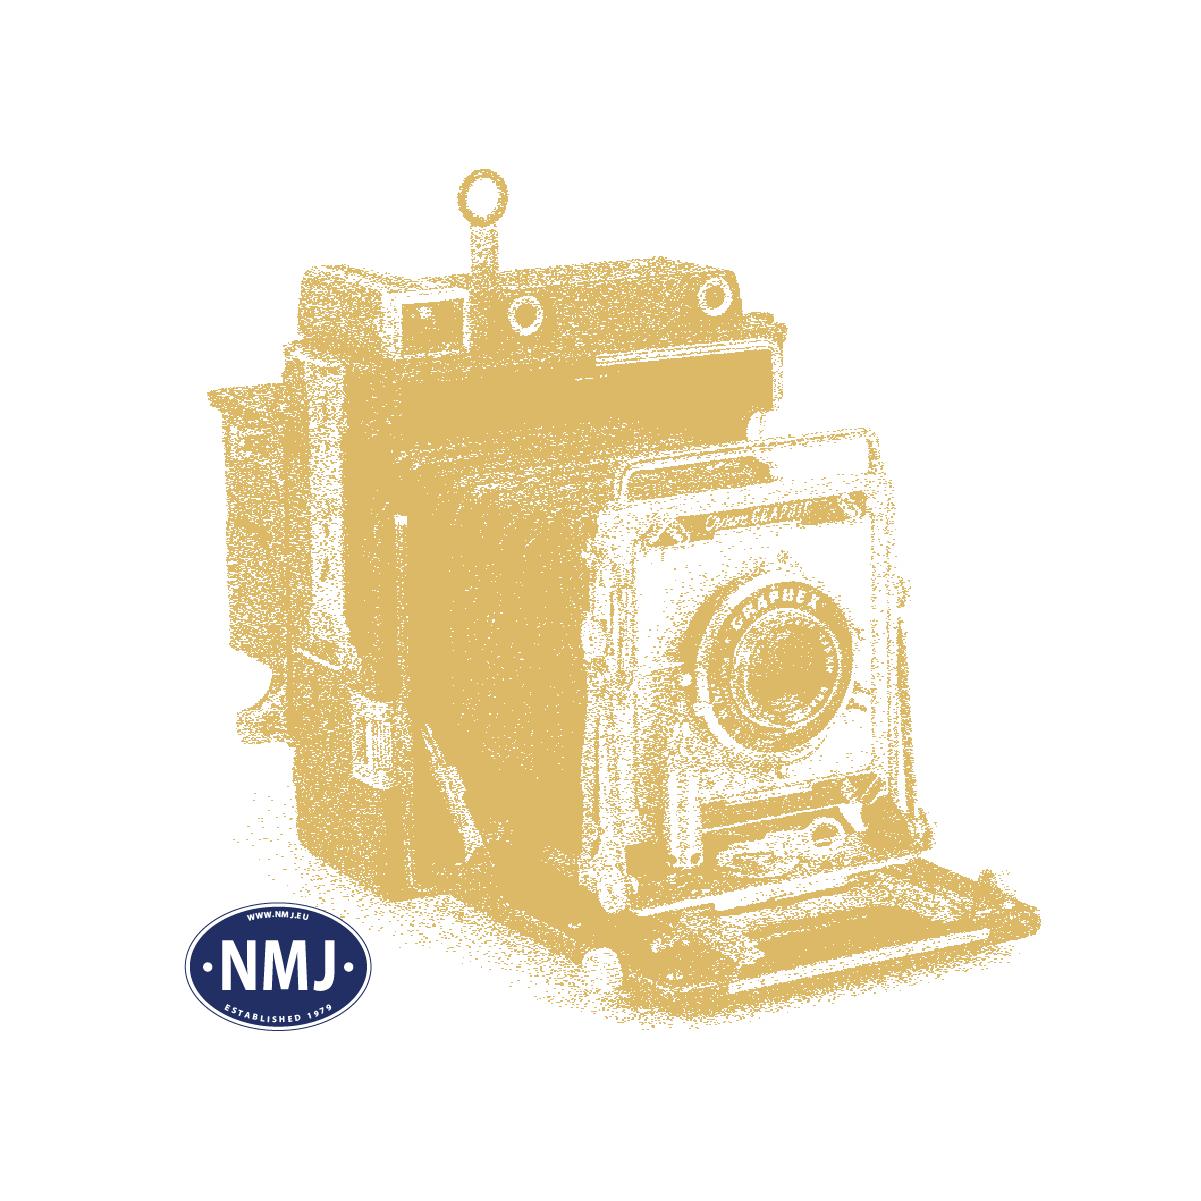 NMJT205.002 - NMJ Topline SJ B5 4776, 2 kl. Personvogn, rund SJ logo, etter 1970